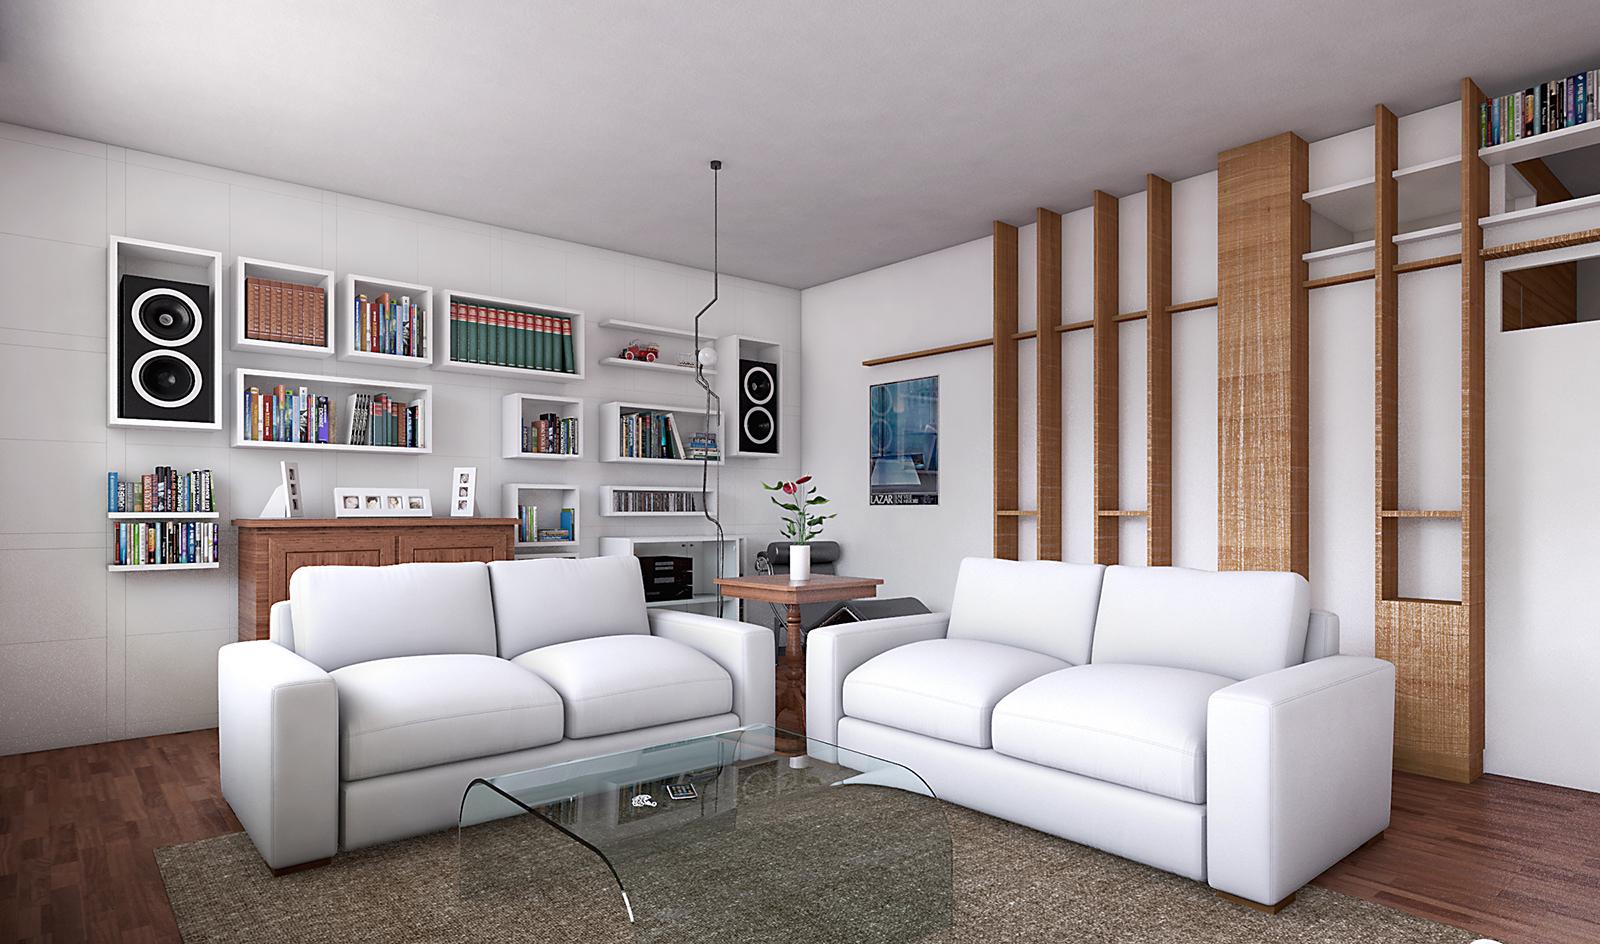 Studio architettura firenze soggiorno for Soggiorno studio